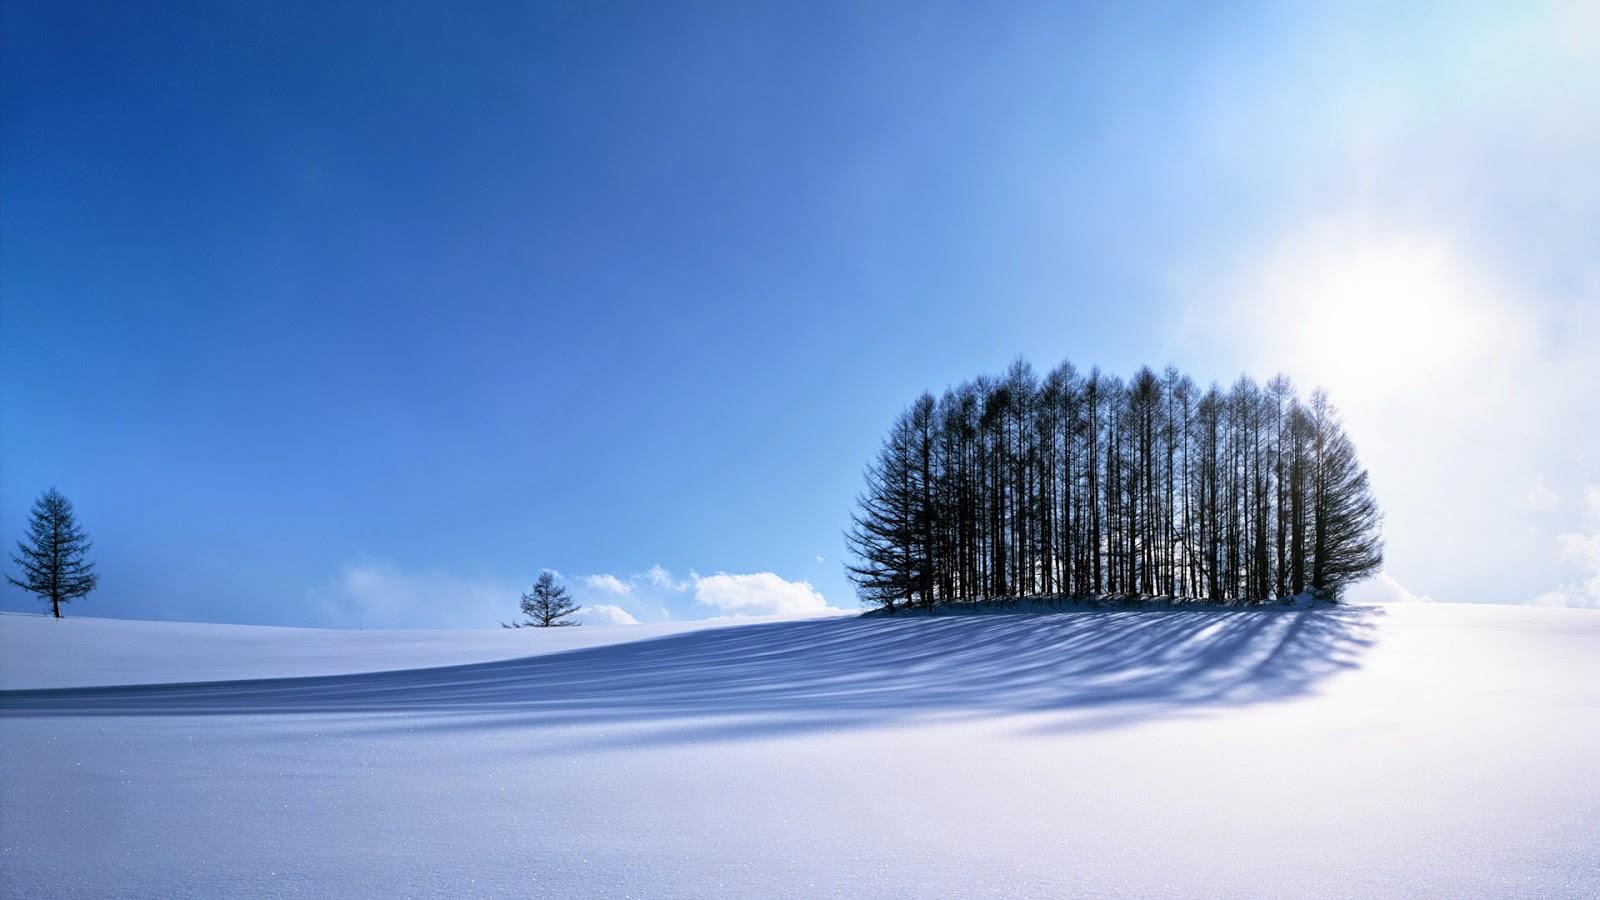 Winter landschap wallpaper met groep bomen in de sneeuw